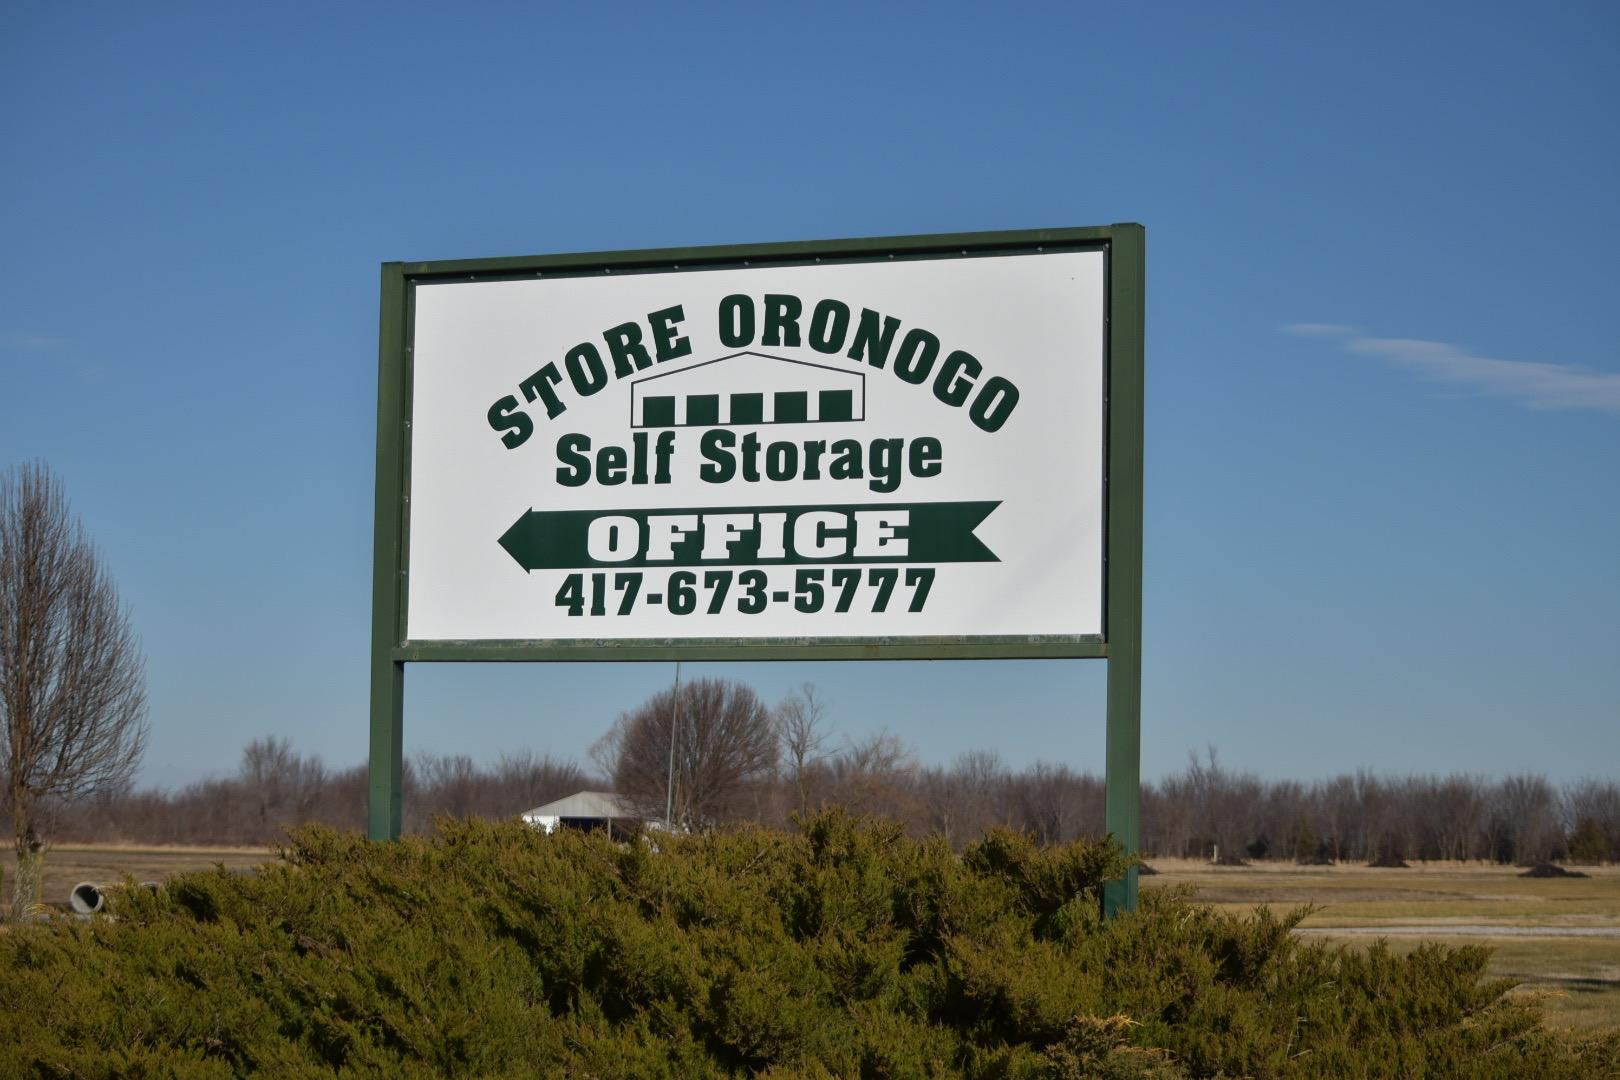 signage of store oronogo self storage